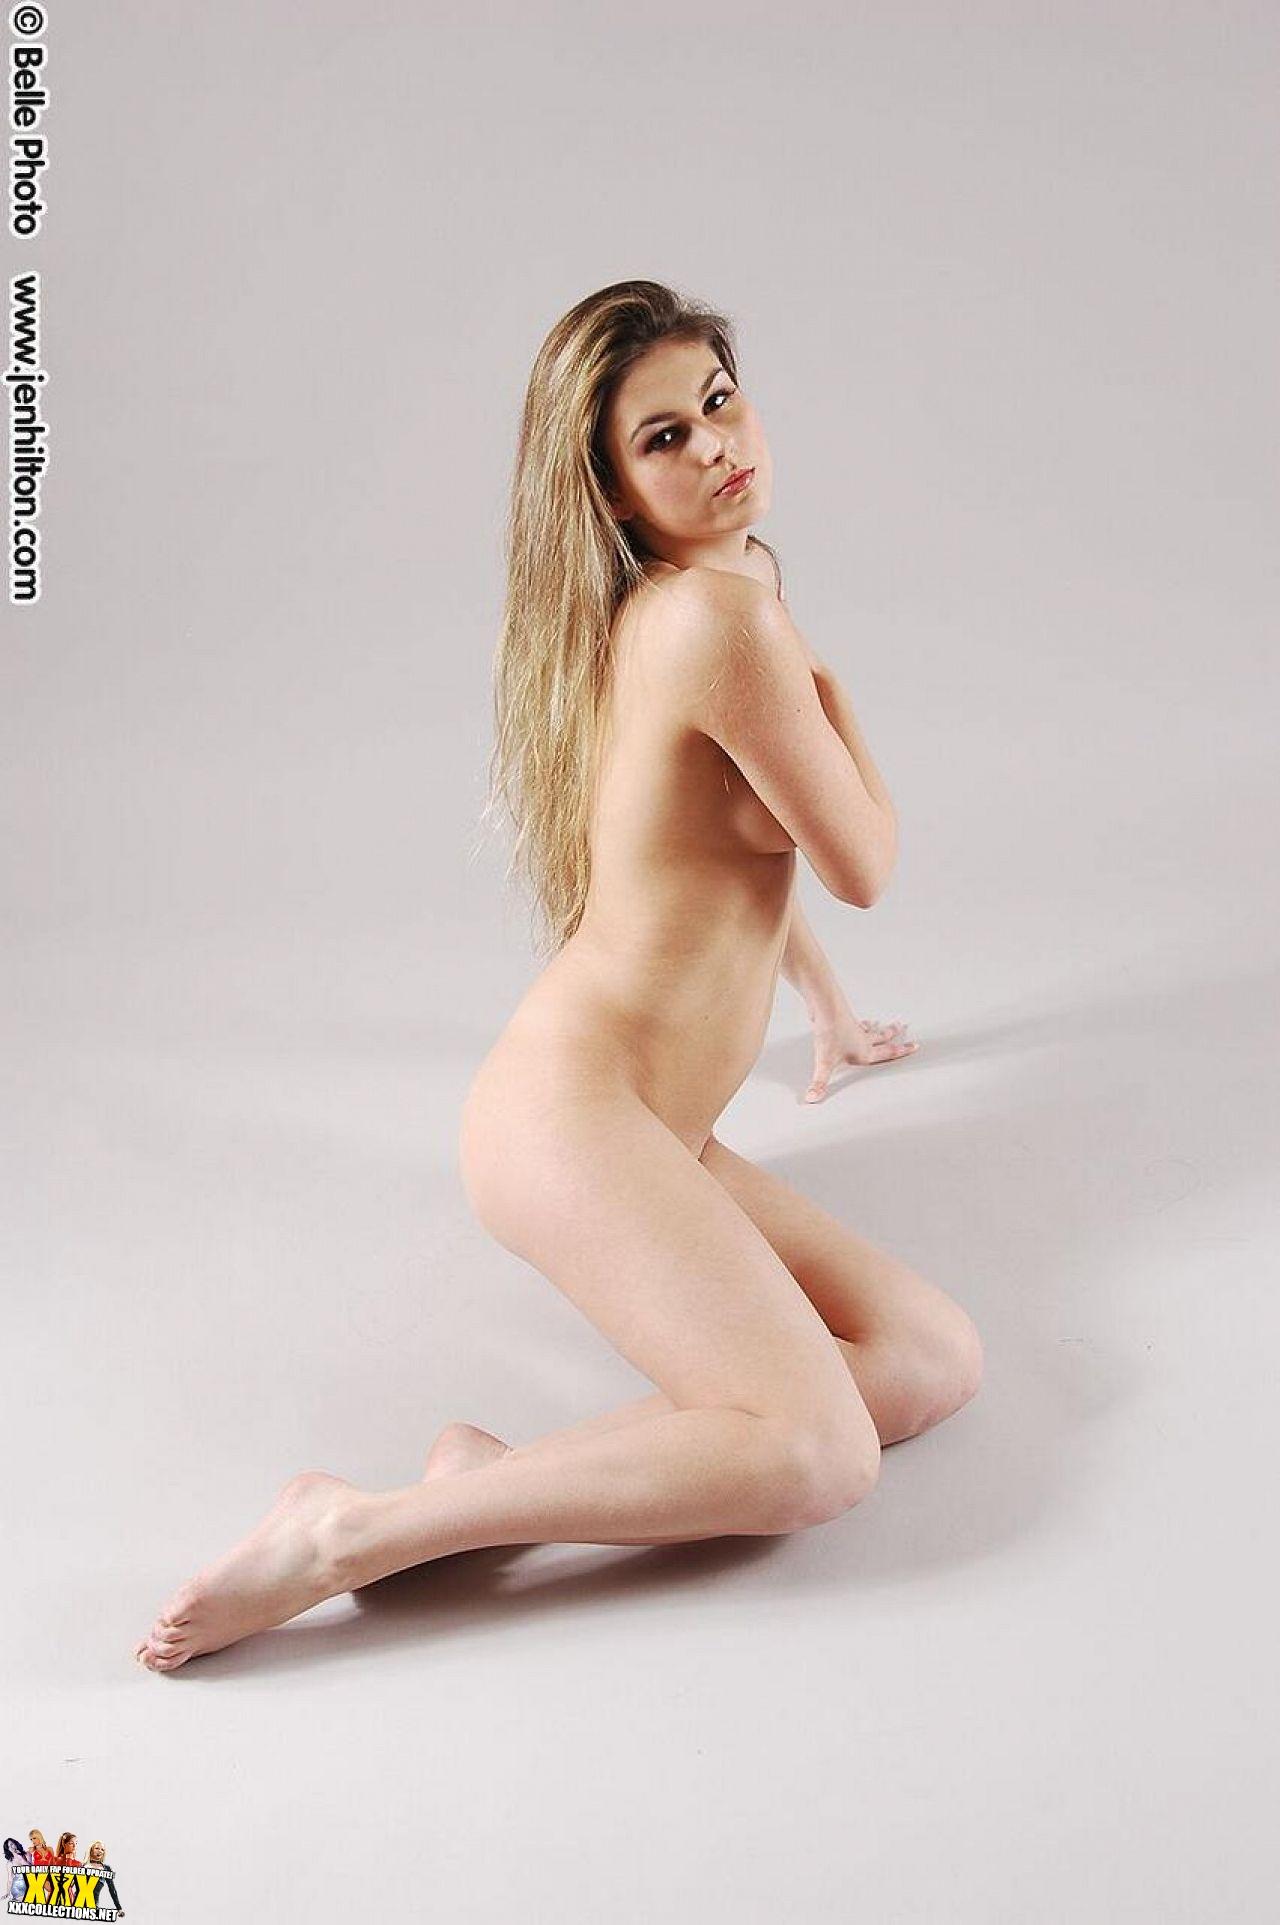 jen hilton nude